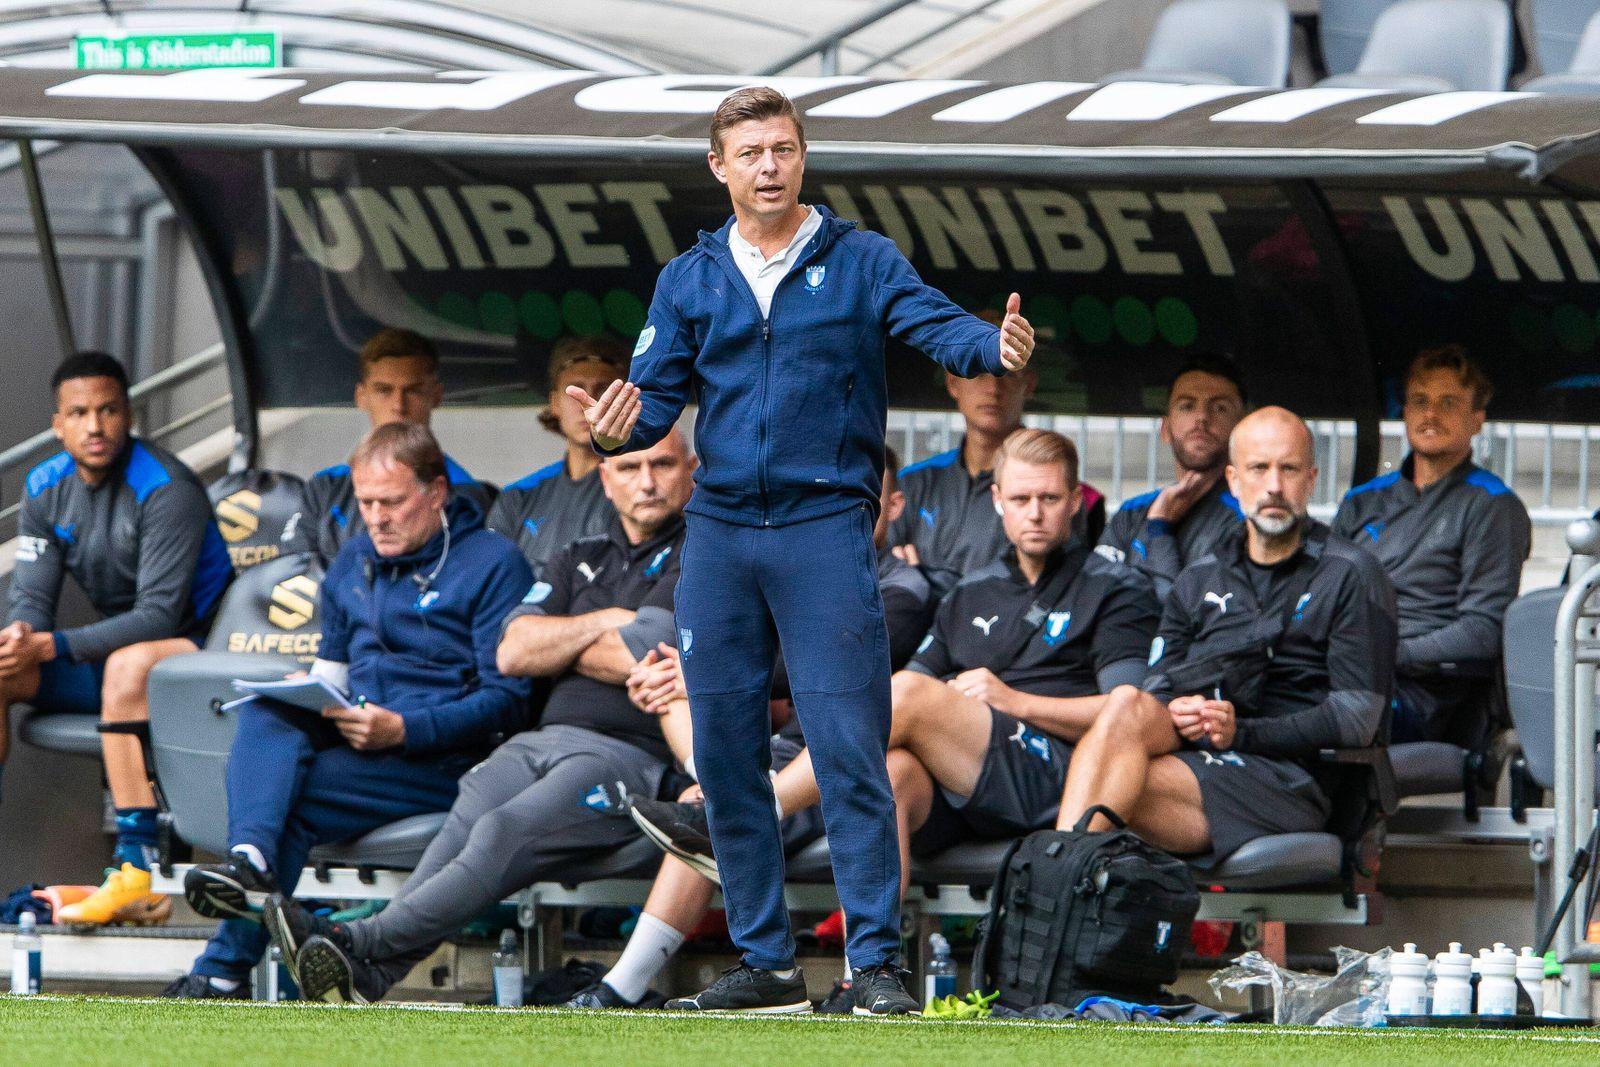 210829 Malmö FFs huvudtränare Jon Dahl Tomasson under fotbollsmatchen i Allsvenskan mellan Hammarby och Malmö FF den 29